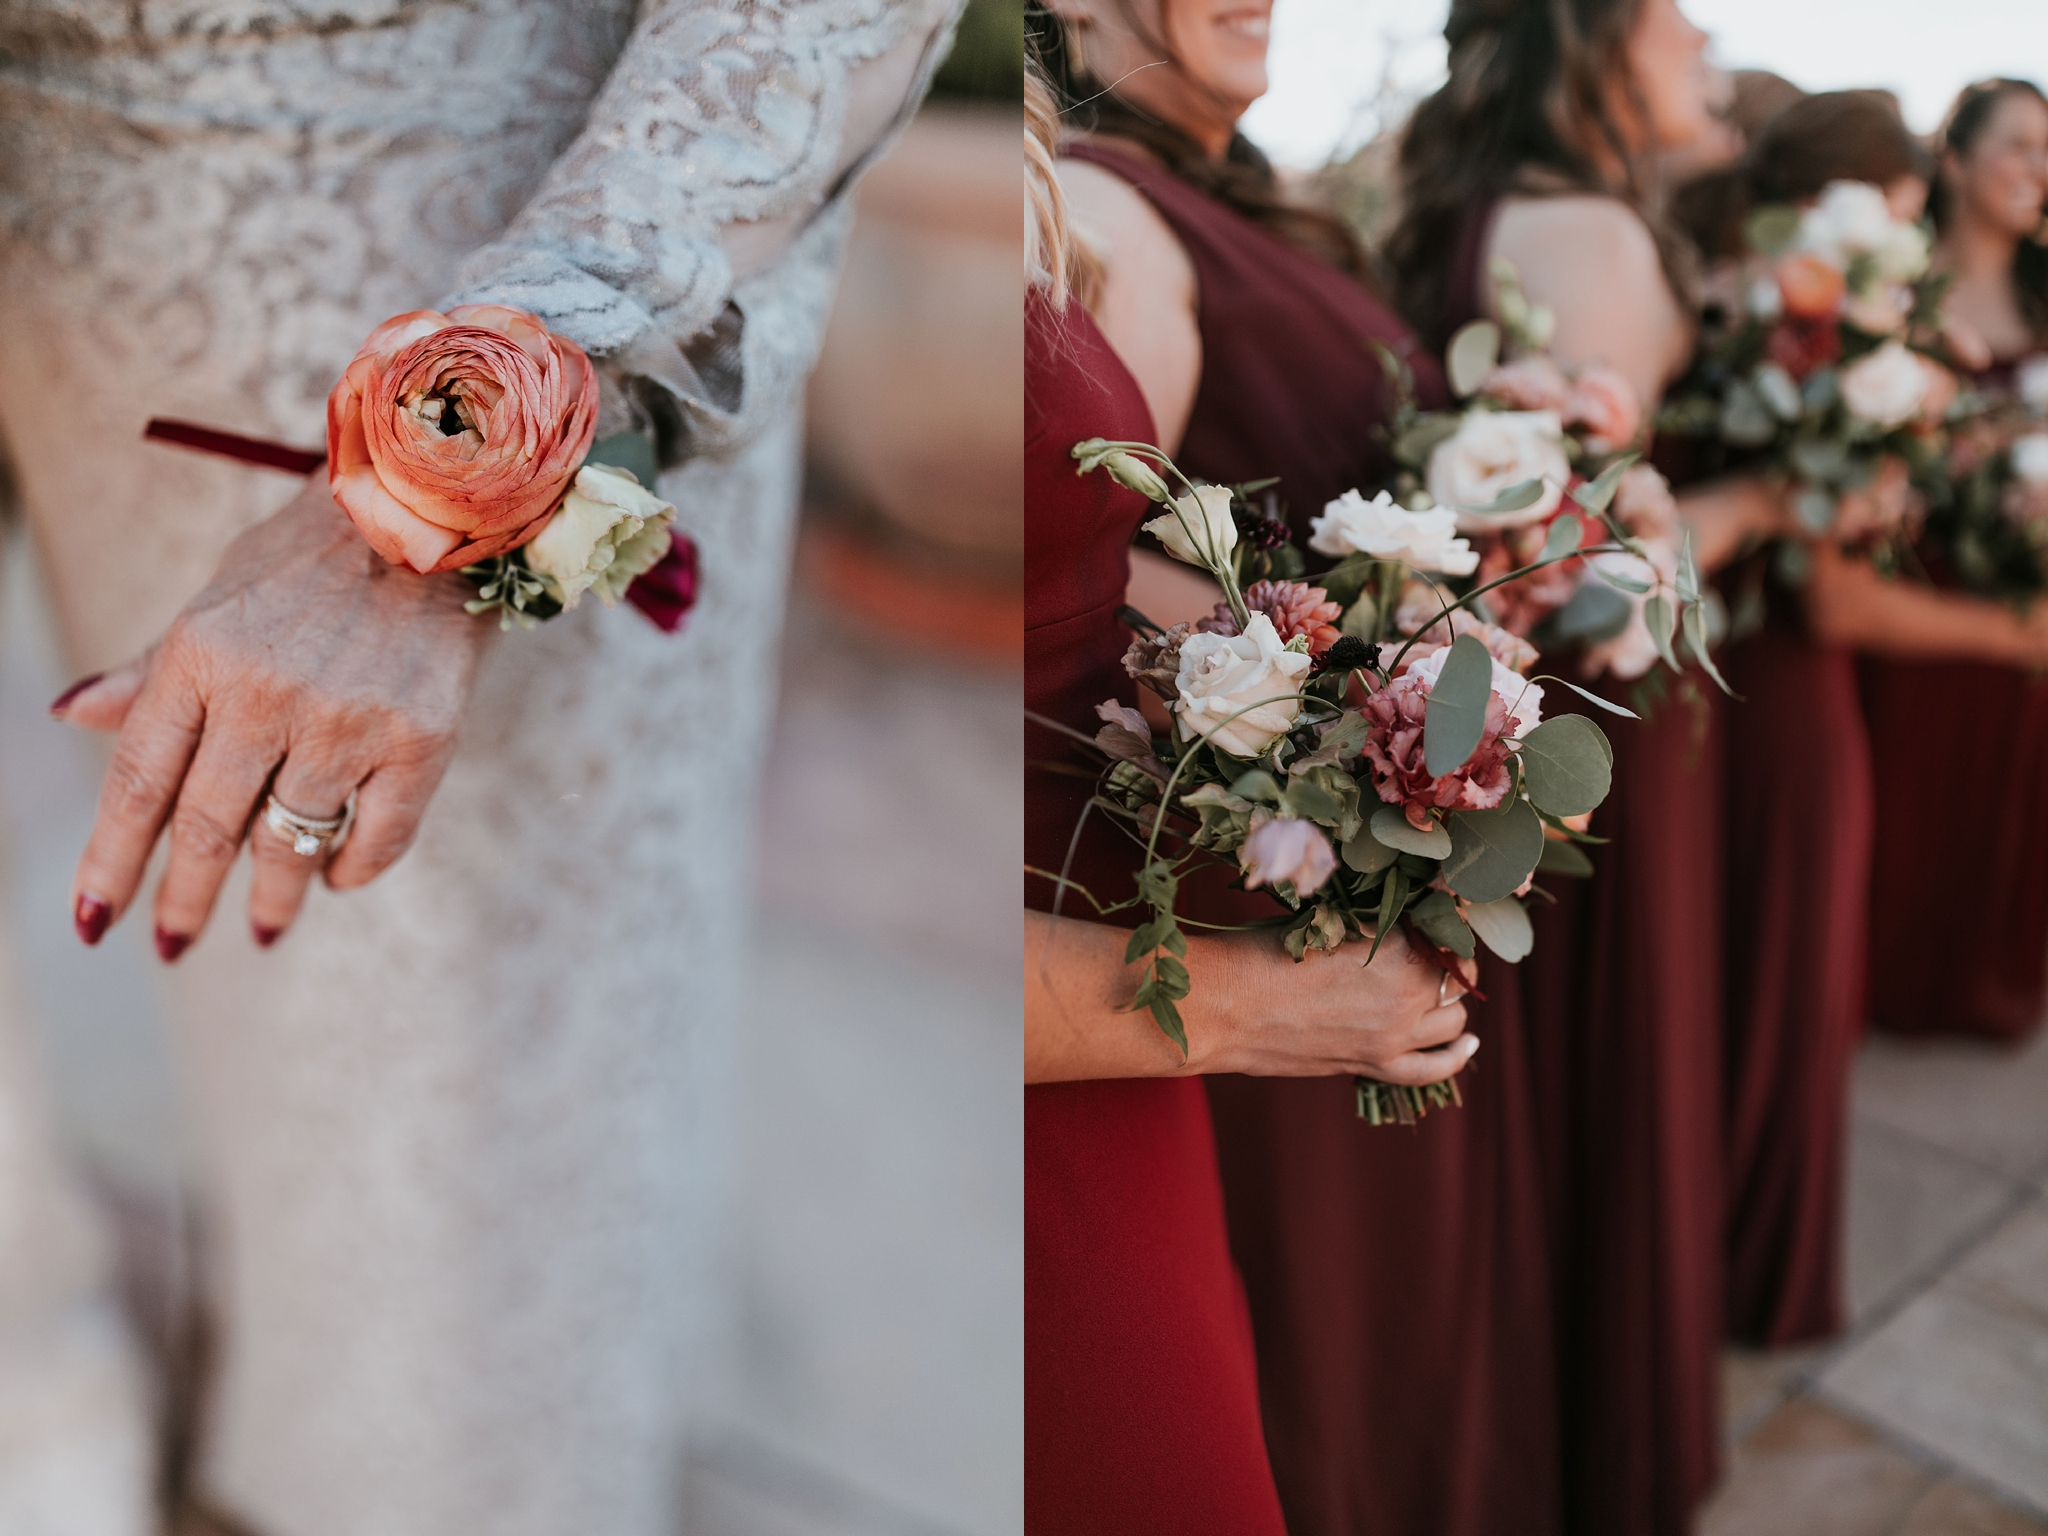 Alicia+lucia+photography+-+albuquerque+wedding+photographer+-+santa+fe+wedding+photography+-+new+mexico+wedding+photographer+-+new+mexico+florist+-+wedding+florist+-+renegade+floral_0102.jpg